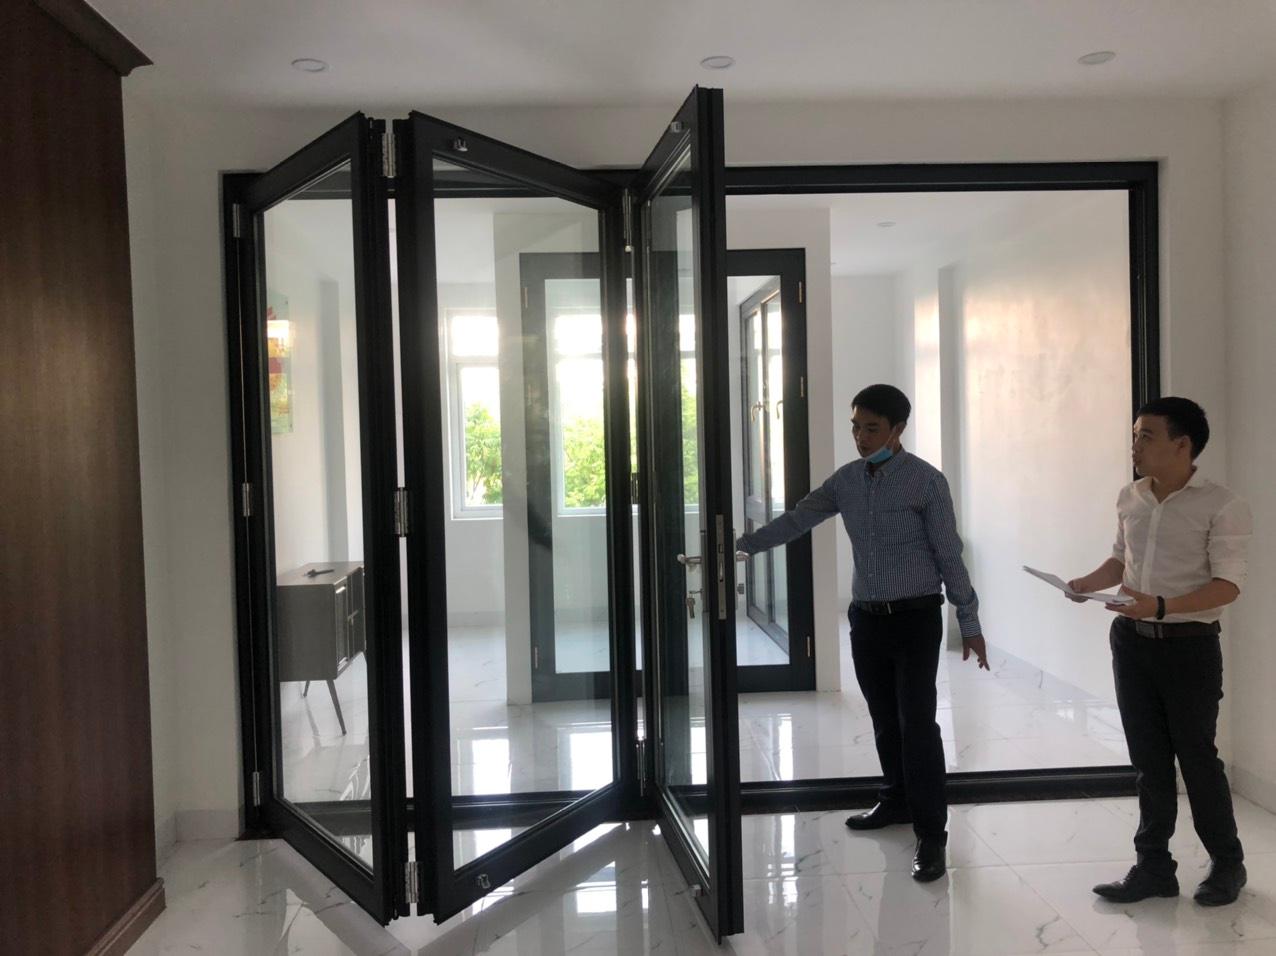 Cần biết - Minh An Window - Cung cấp giải pháp tổng thể về cửa nhôm kính (Hình 3).